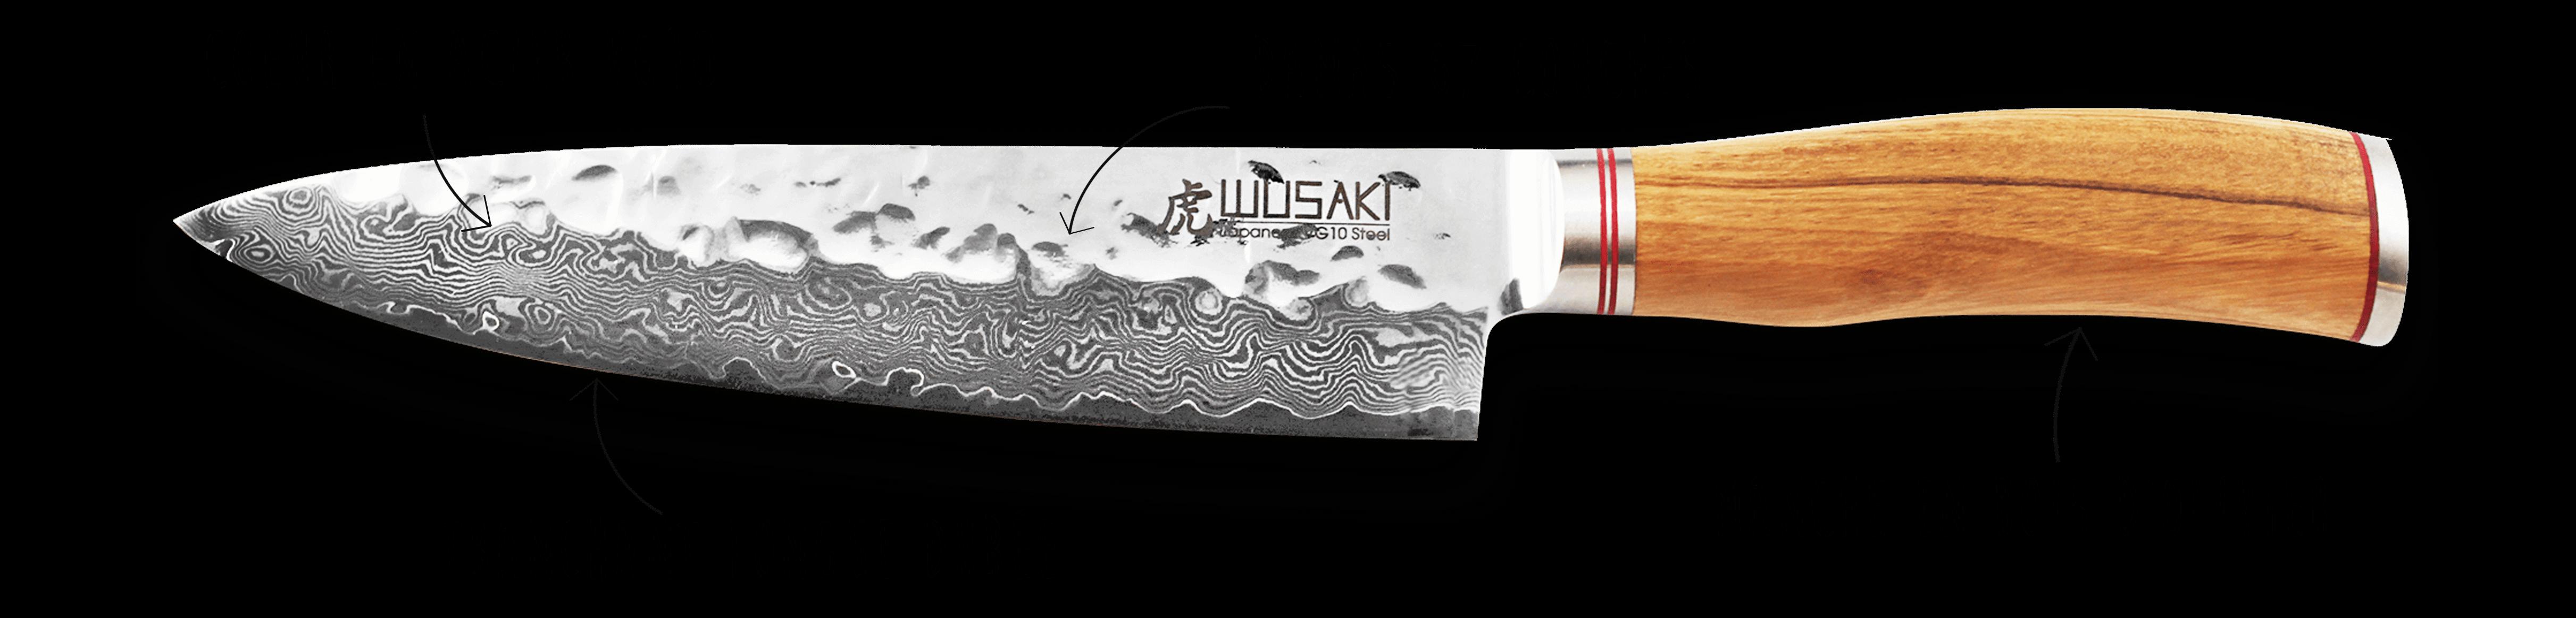 Découvrez le couteau Wusaki